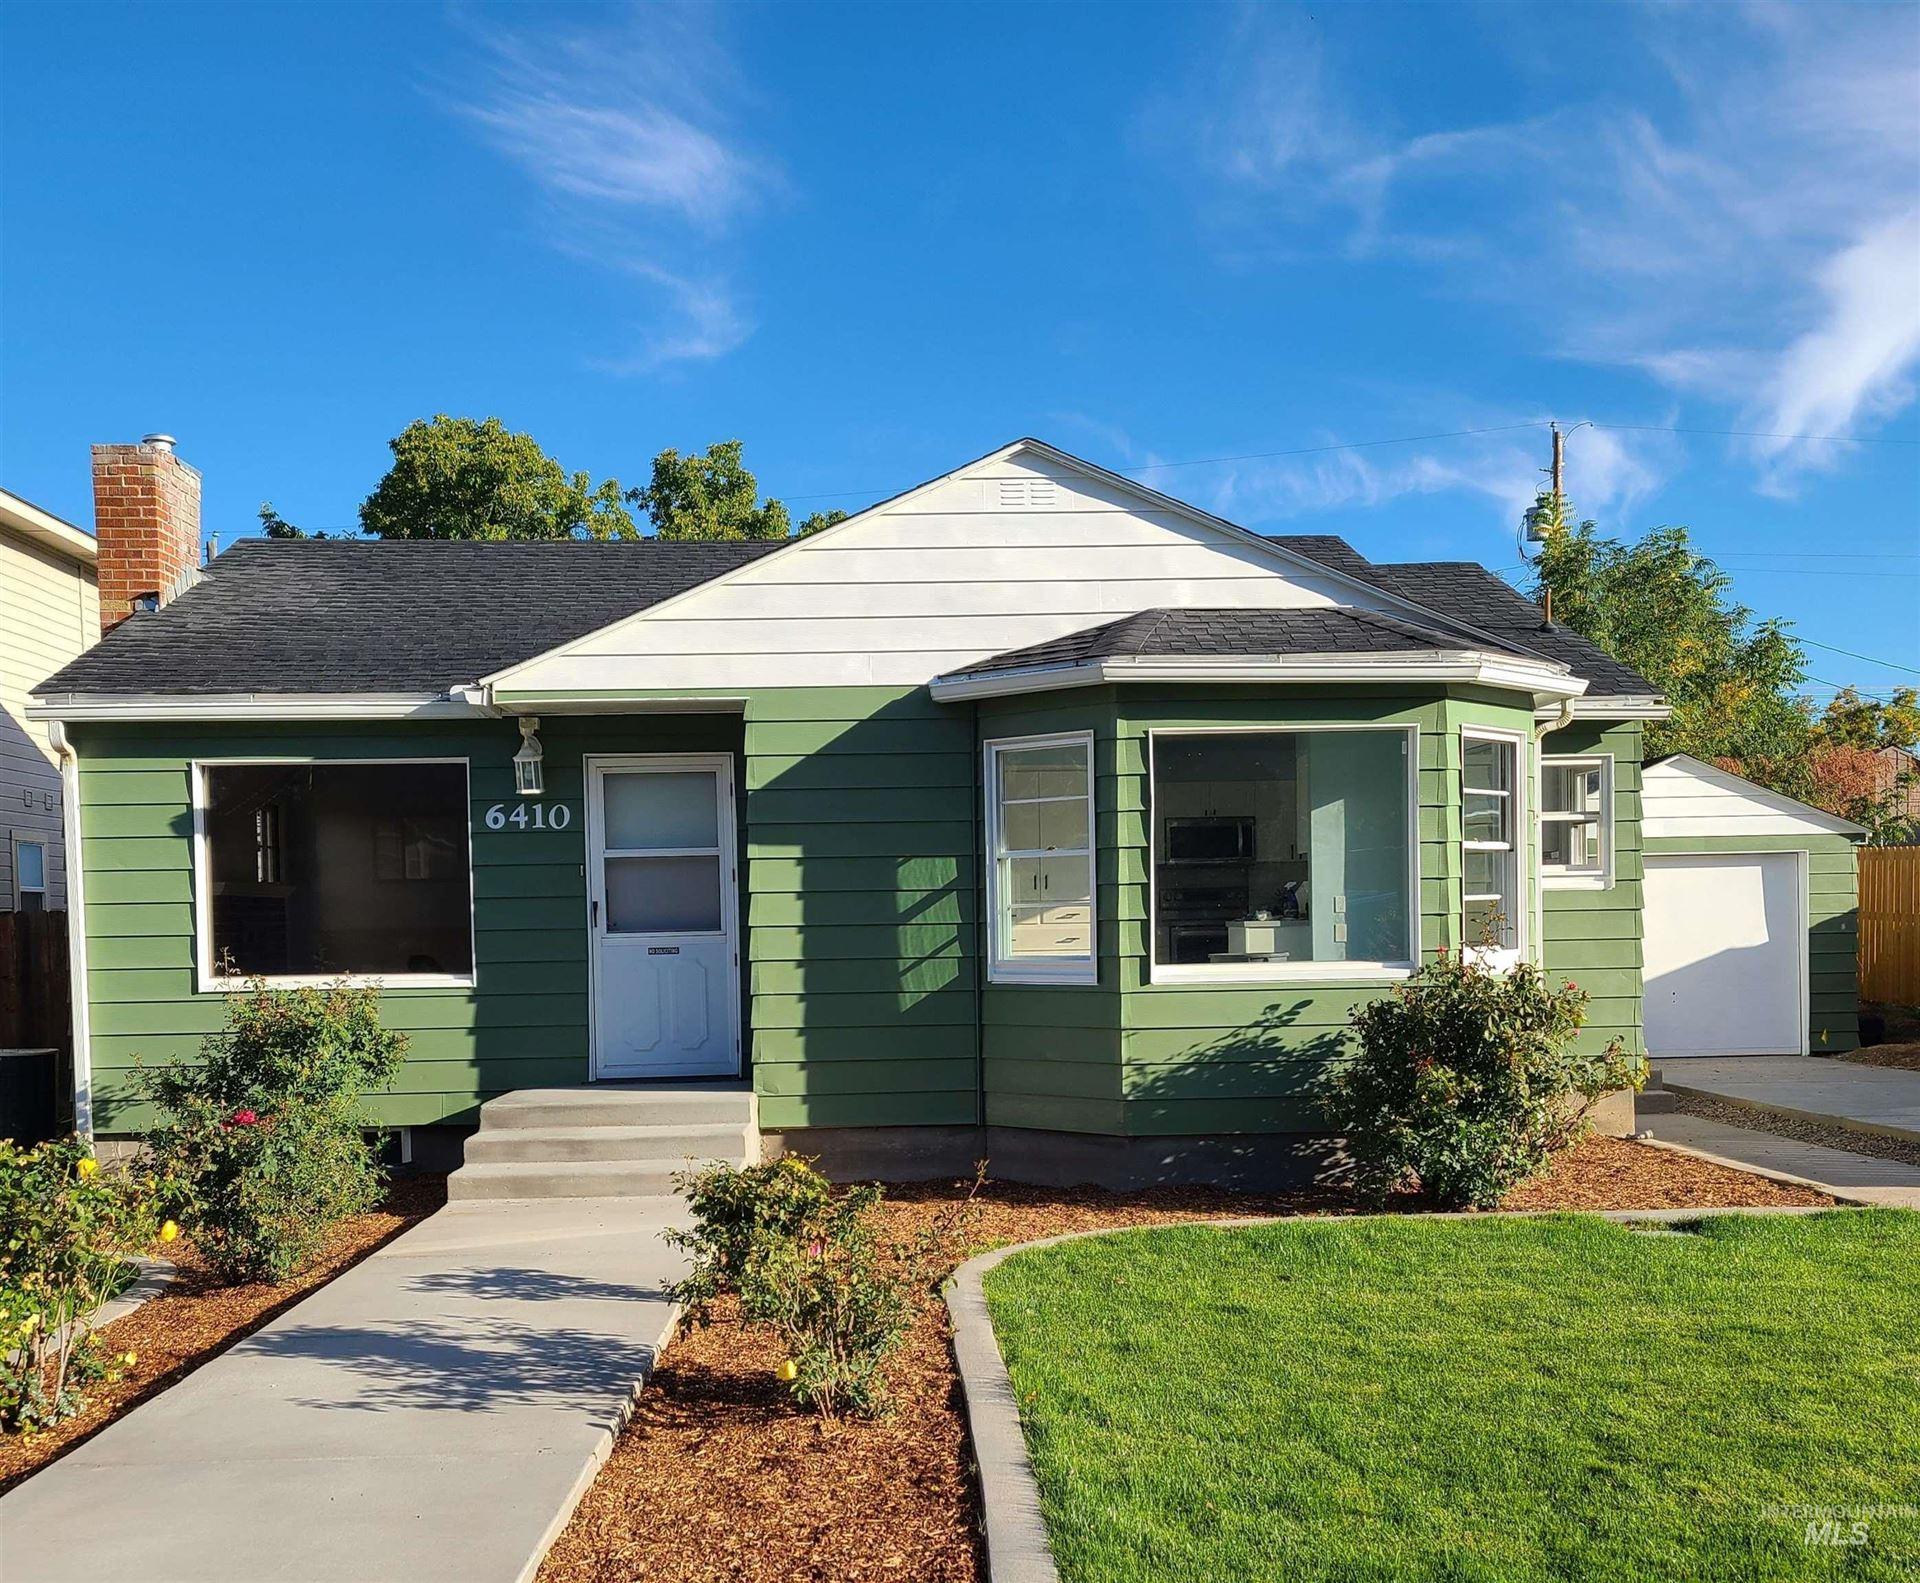 6410 W Butte Street, Boise, ID 83704-7531 - MLS#: 98821514